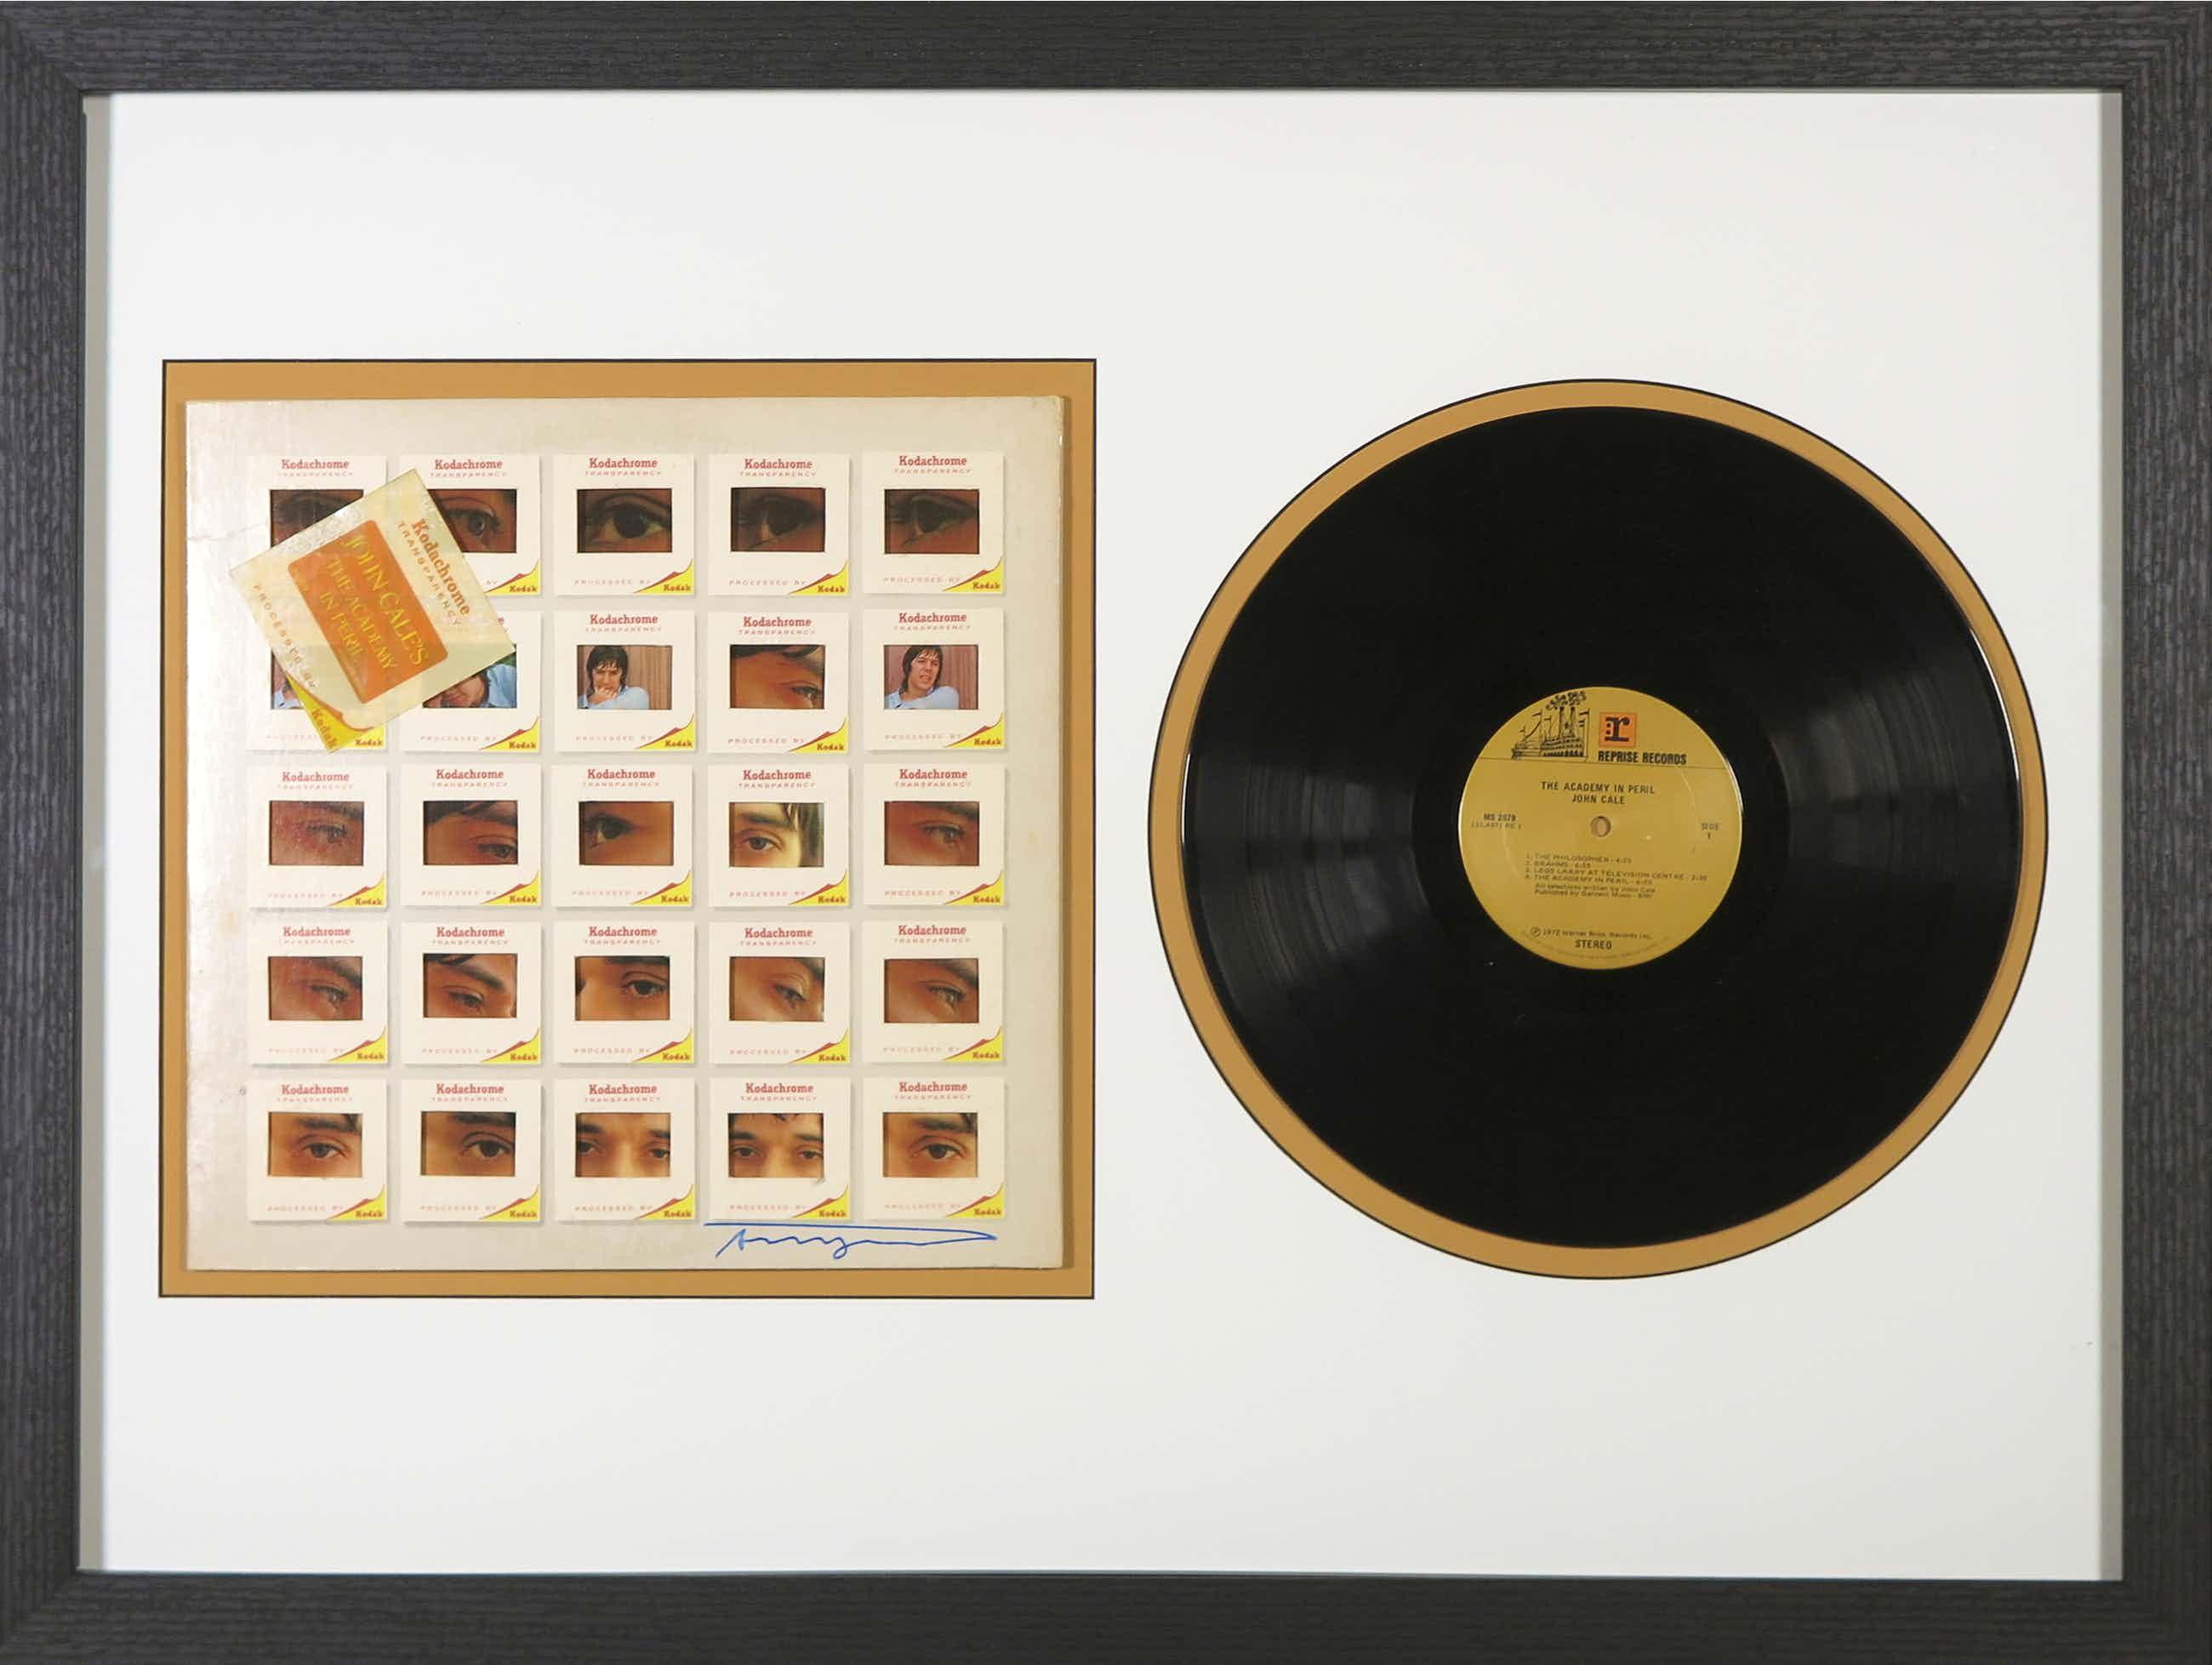 Andy Warhol - Handgesigneerde LP-hoes album The Academy in Peril van John Cale - Ingelijst kopen? Bied vanaf 501!